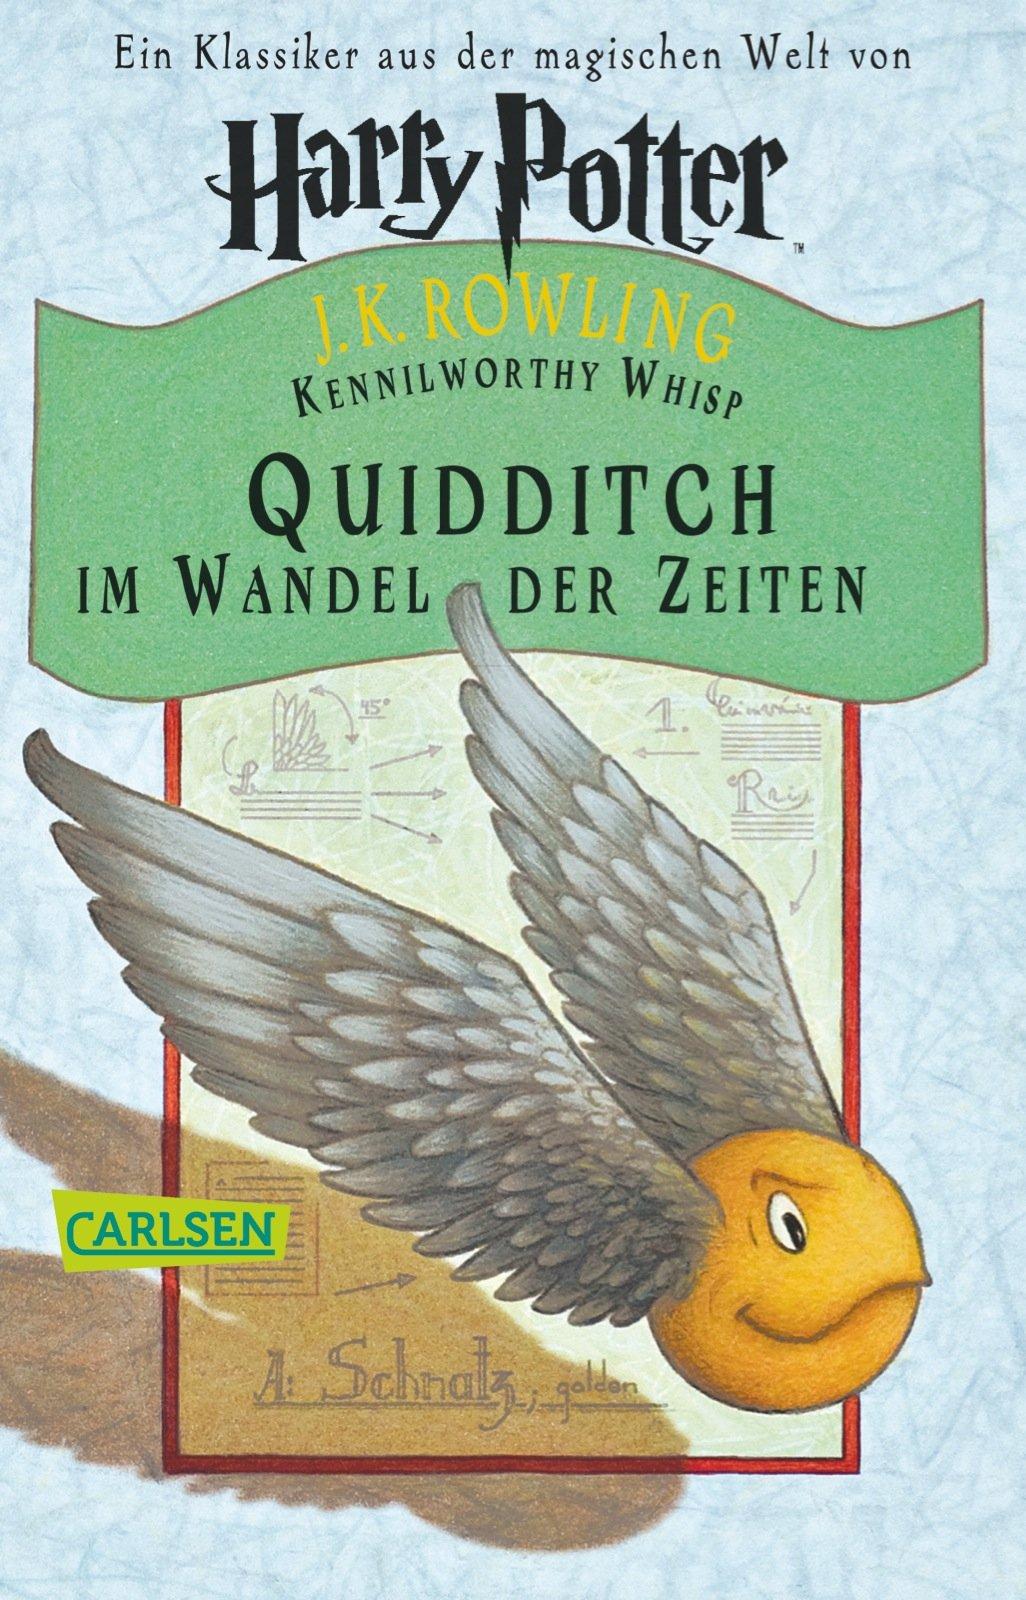 https://cubemanga.blogspot.com/2016/12/buchreview-quidditch-im-wandel-der.html